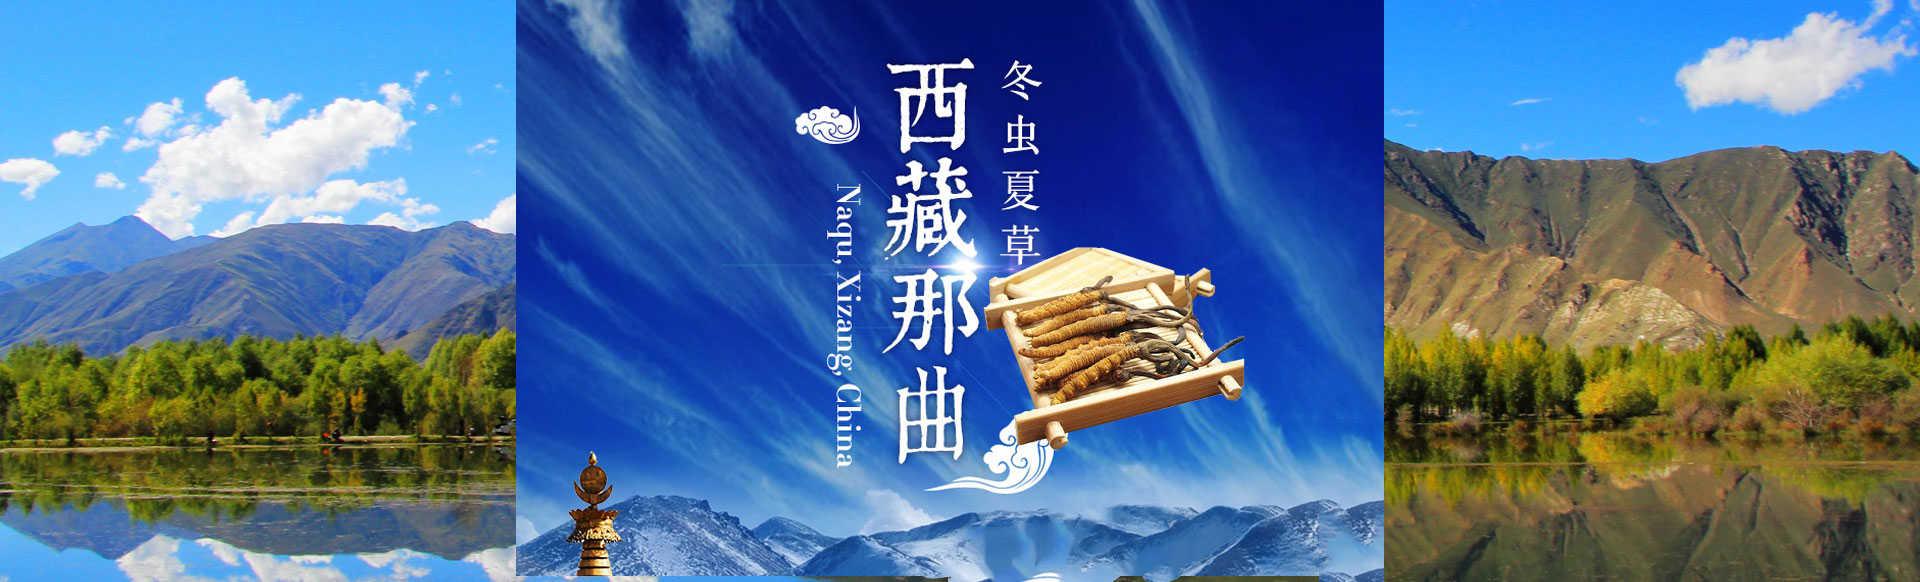 我们推荐天然金耳_金耳多少钱相关-林芝藏芝缘商贸有限公司